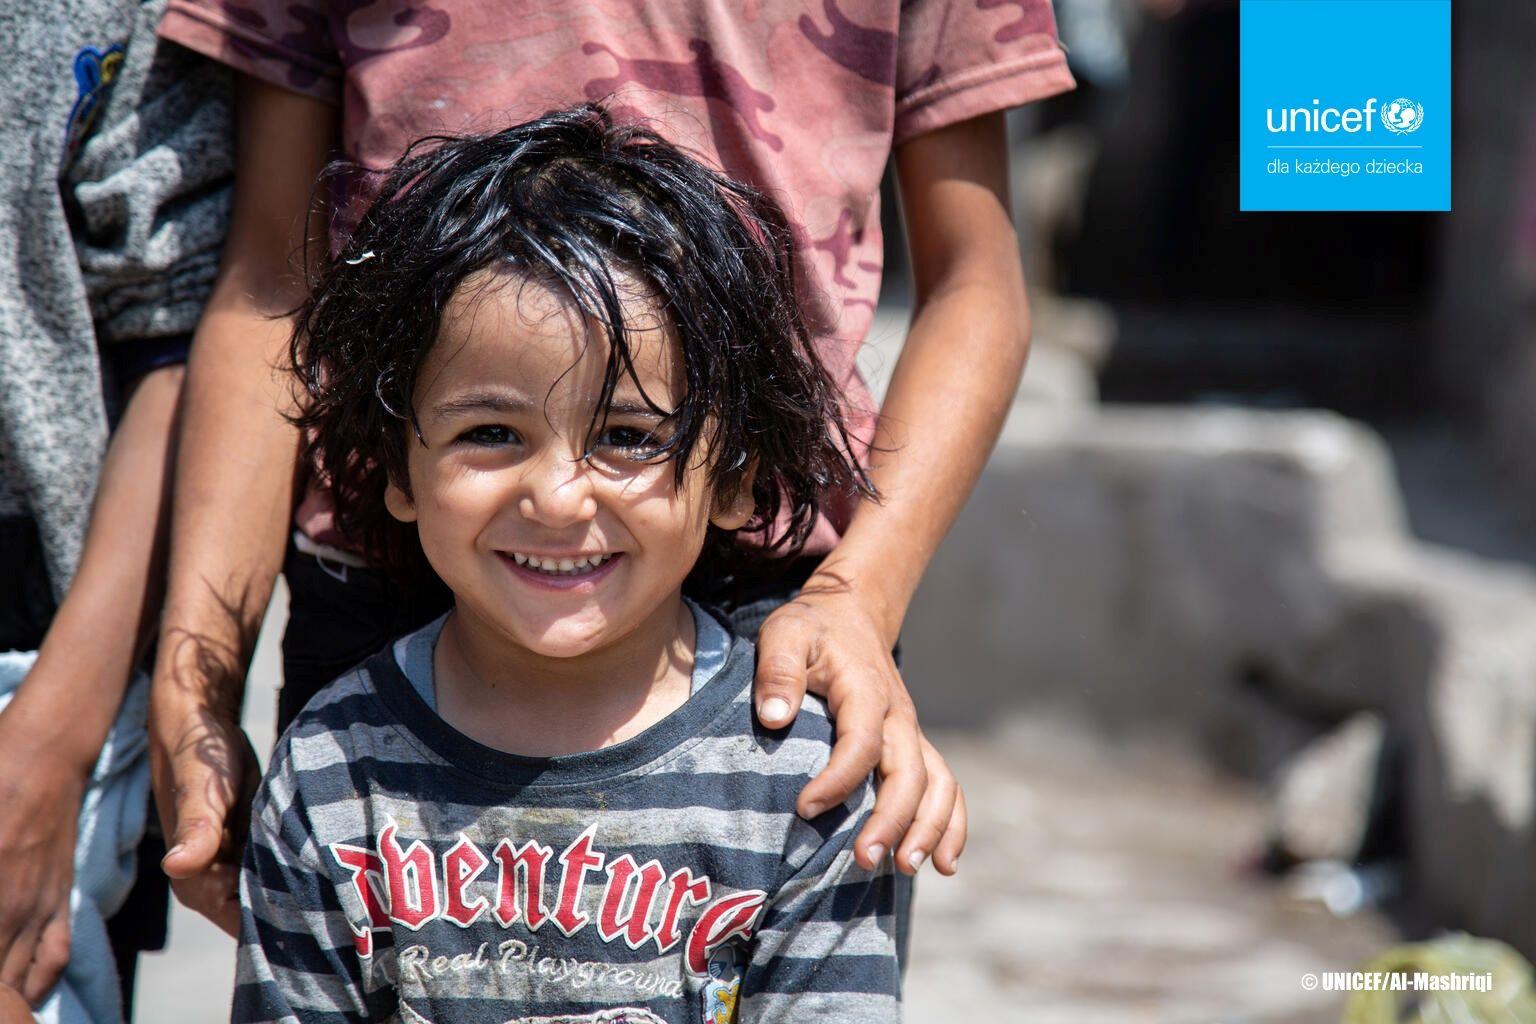 Polacy po raz kolejny okazali hojność dzieciom w Jemenie